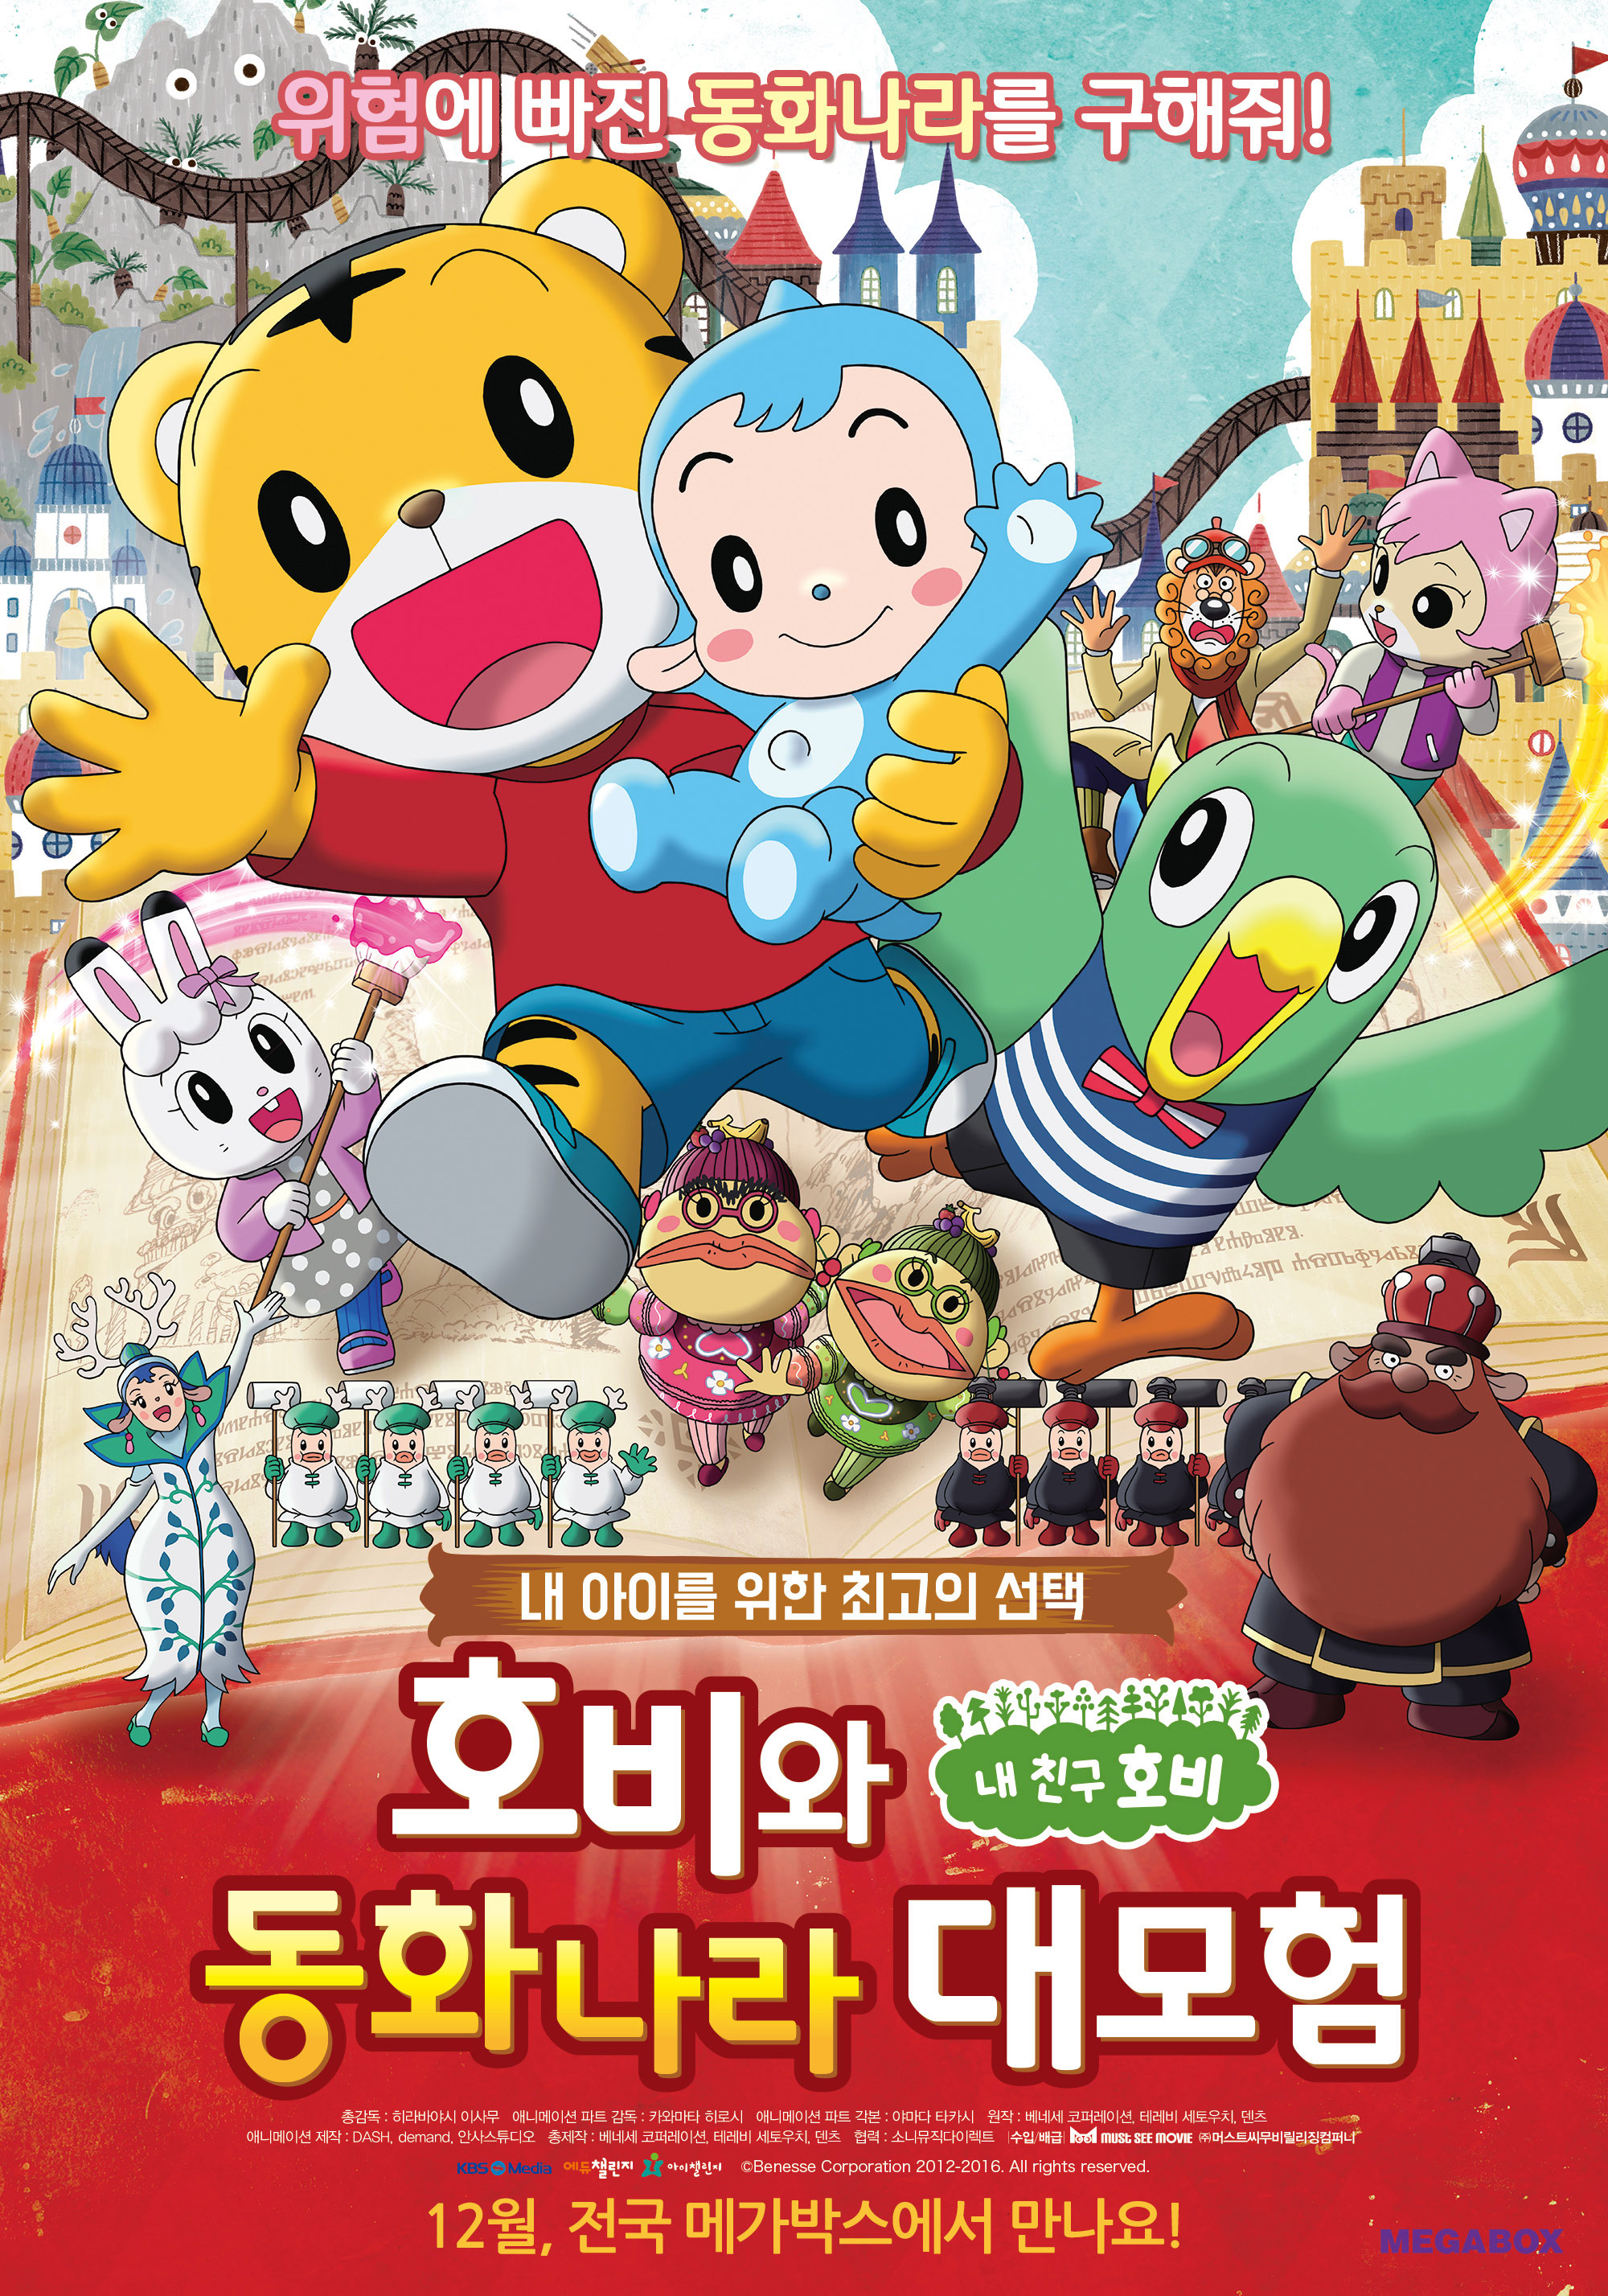 호비와 동화나라 대모험 포스터